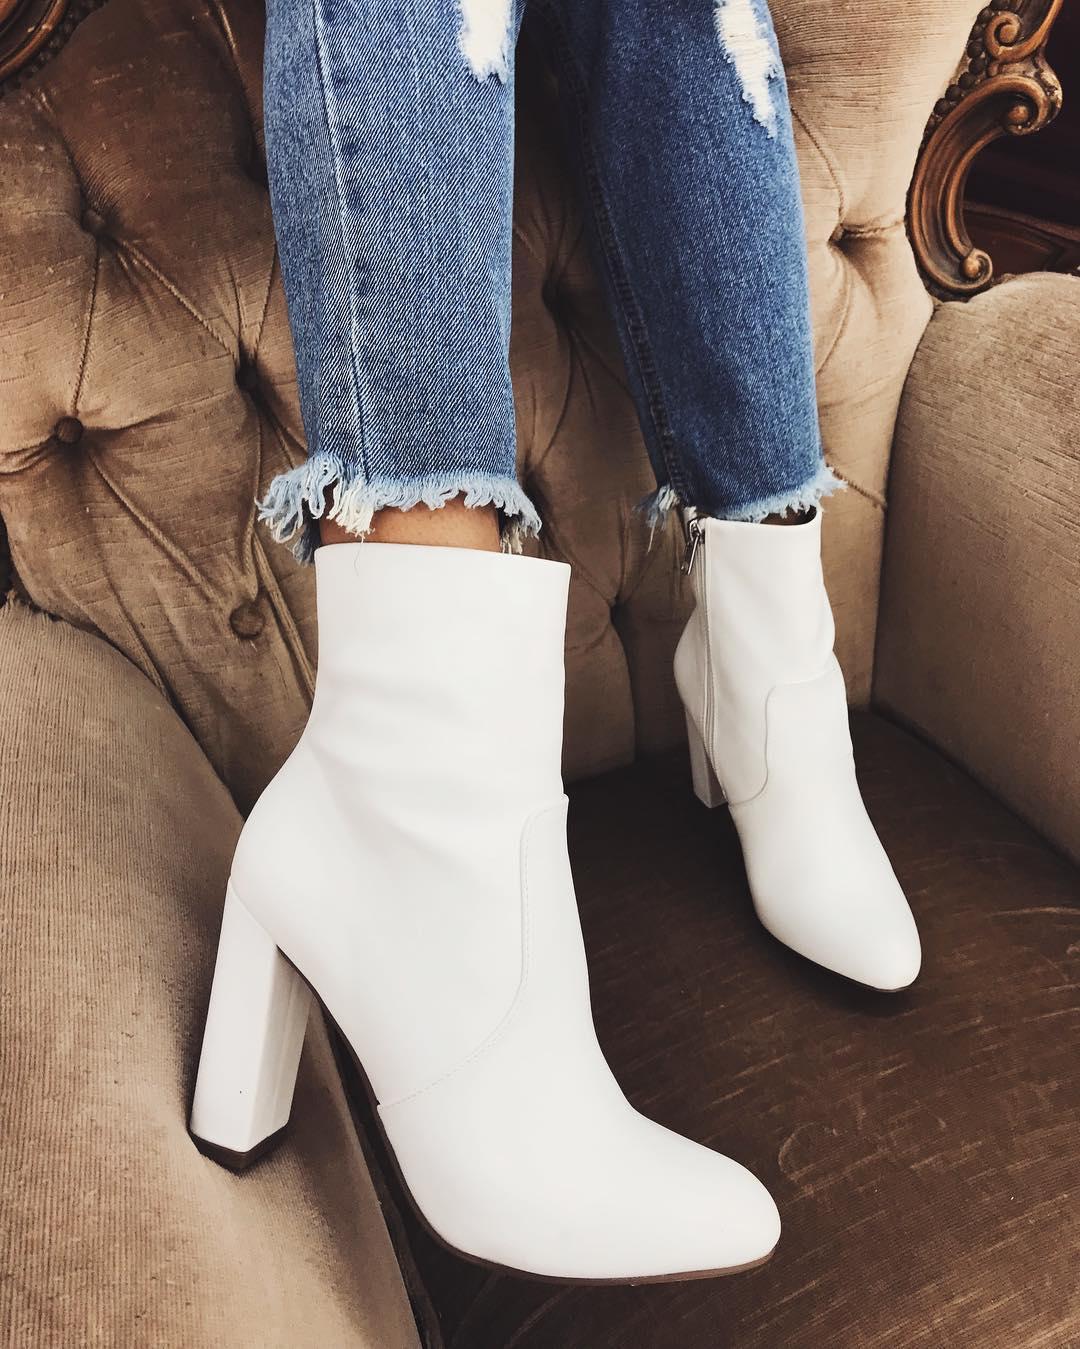 модная обувь весна лето 2019 фото: ботильоны белые на толстом каблуке